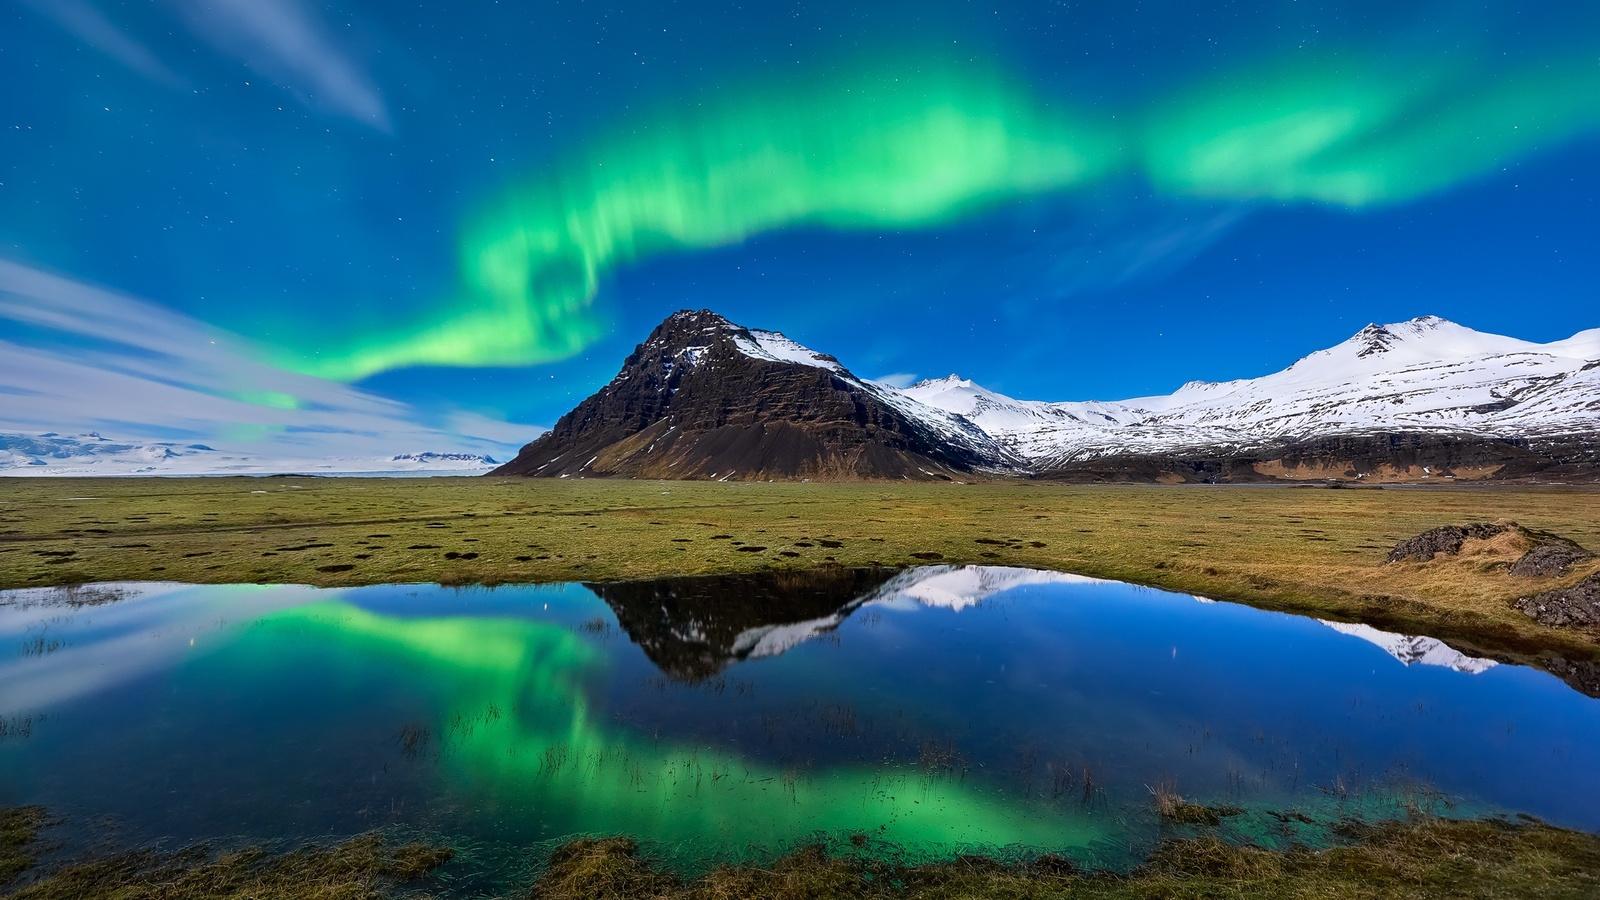 1600x900 aurora borealis light mountain nature reflection